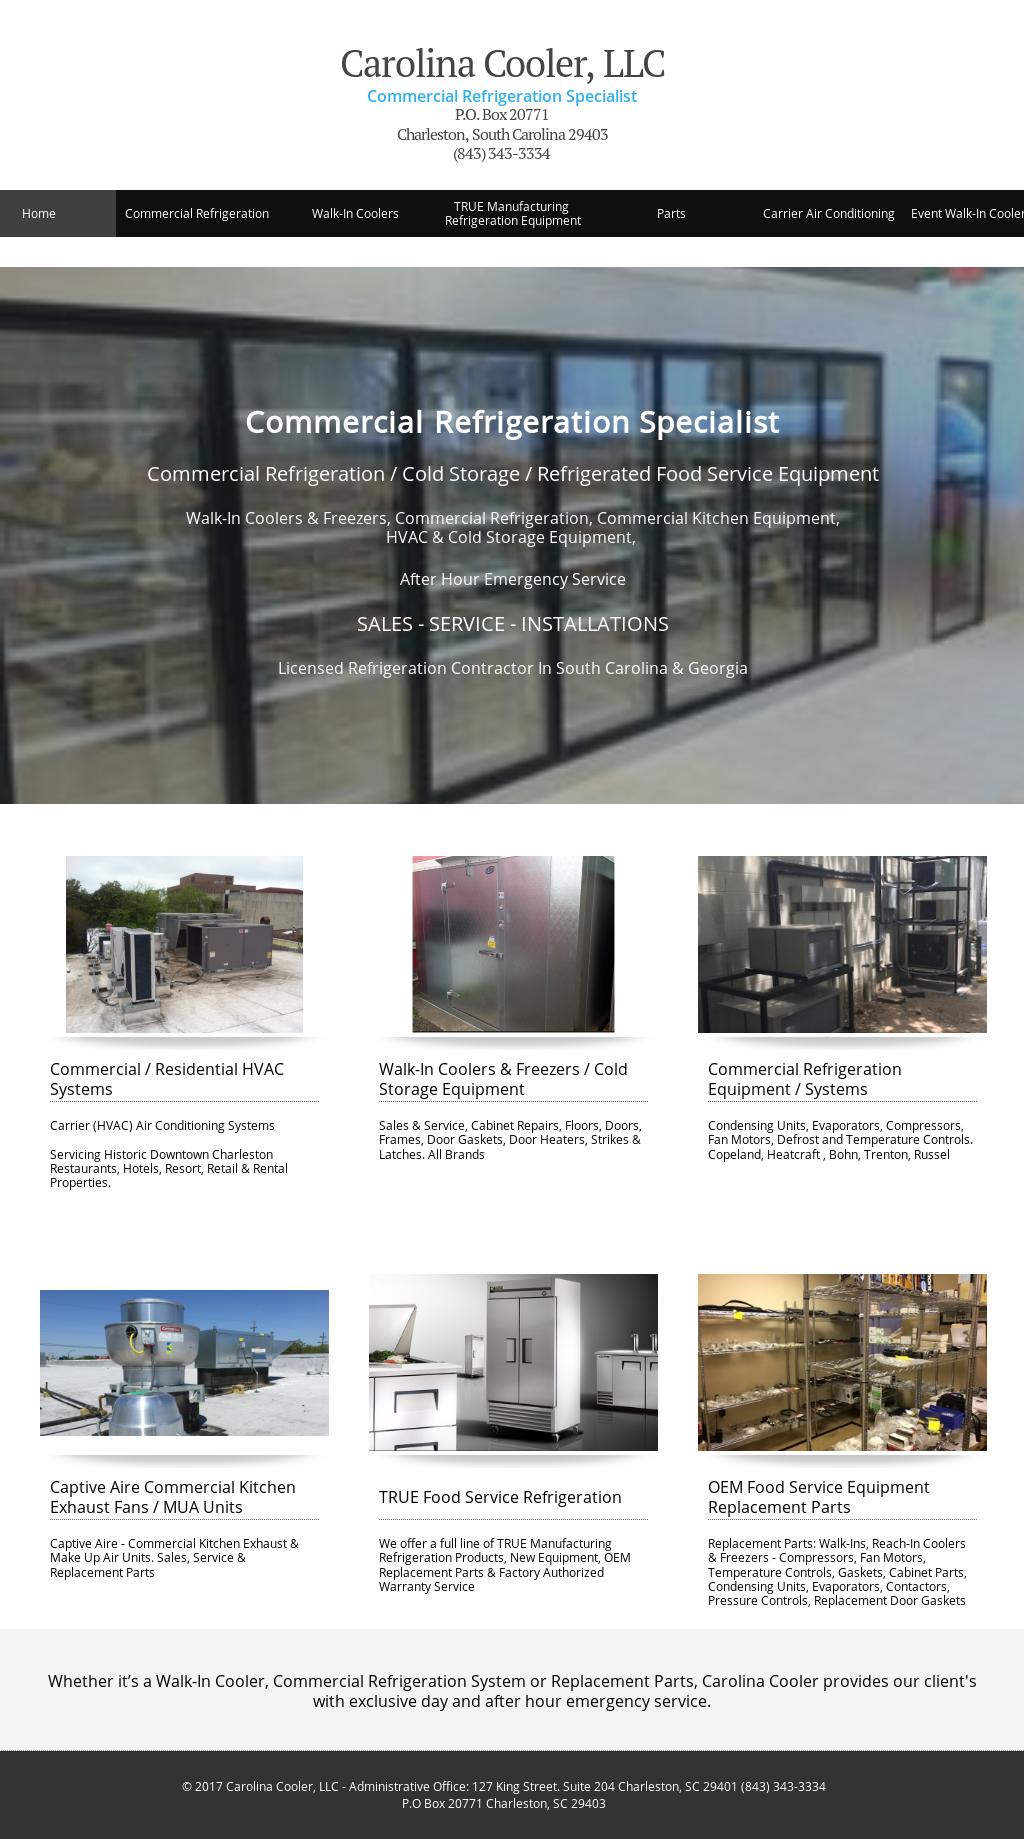 Carolina Cooler, Llc Food Service Equipment Competitors, Revenue and ...